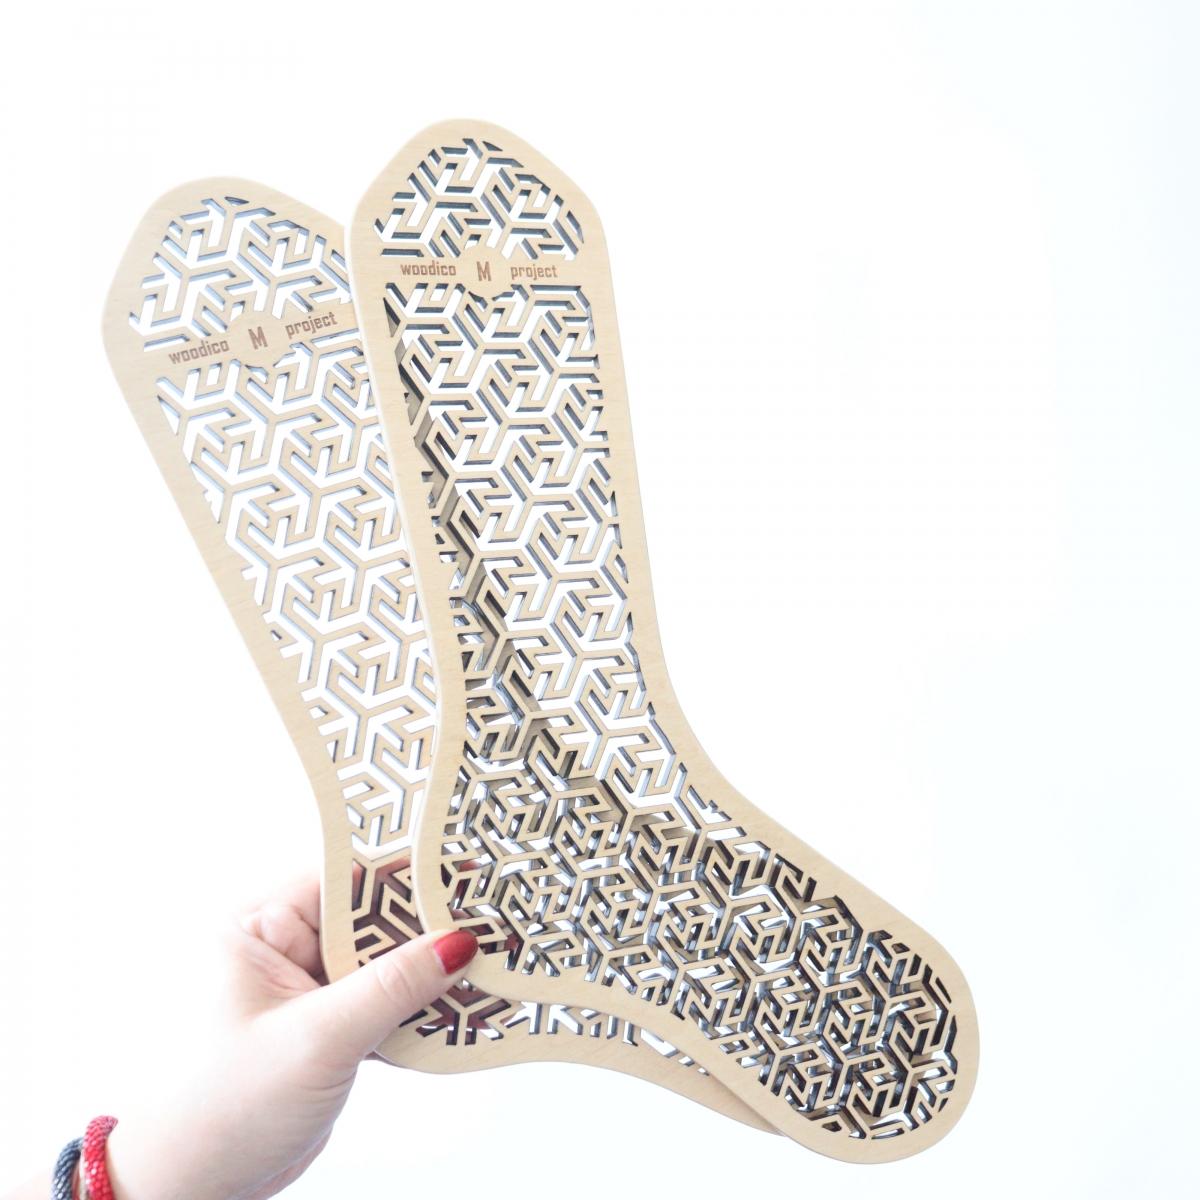 woodico.pro wooden sock blockers arrows 9 1200x1200 - Wooden sock blockers / Arrows